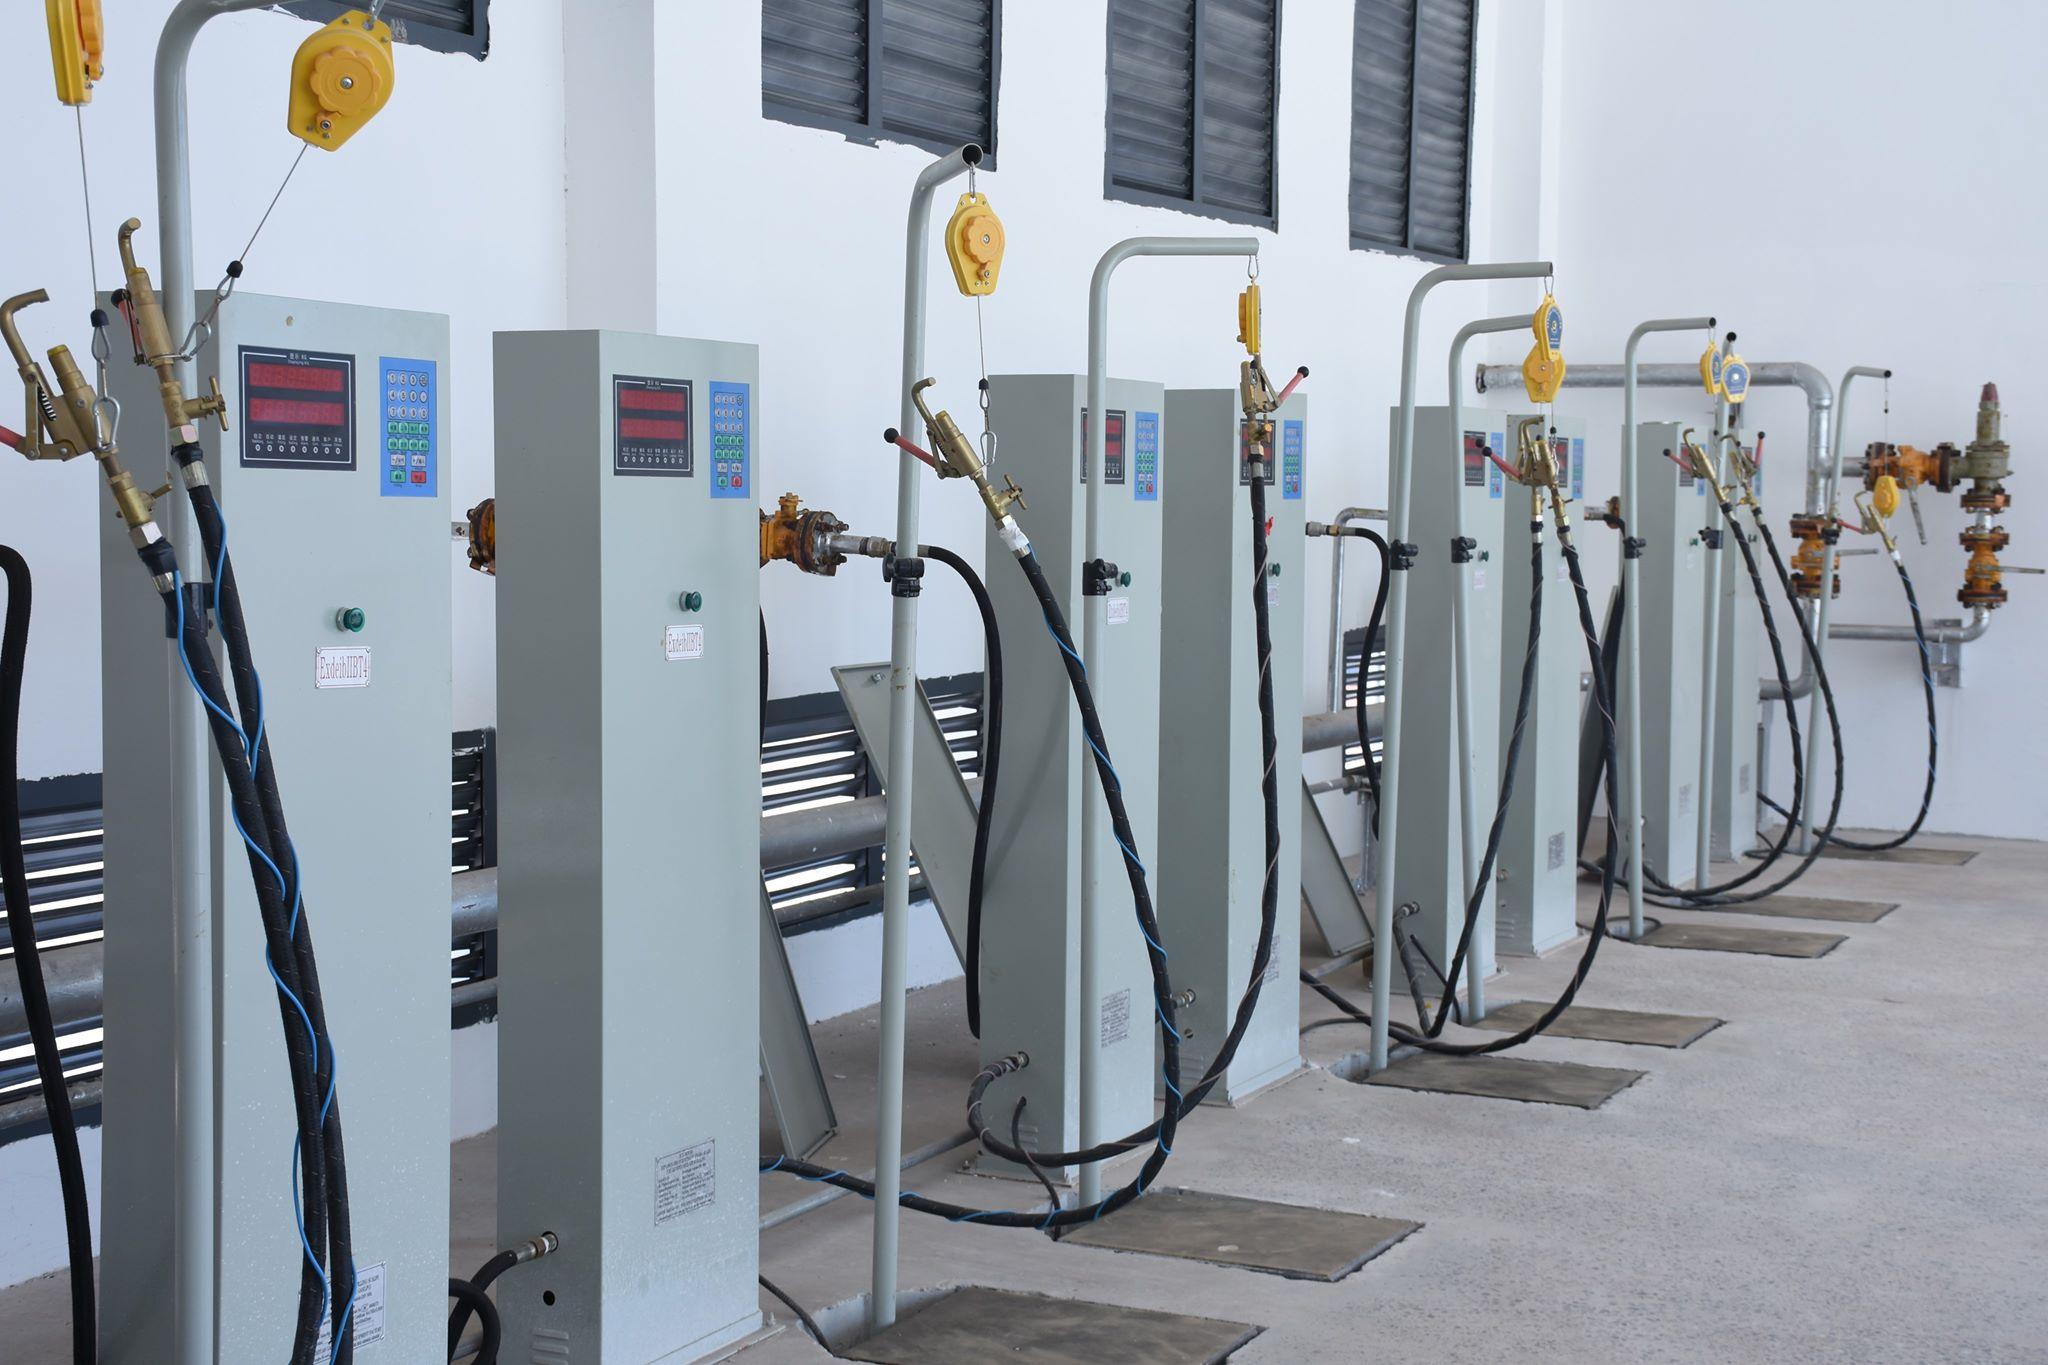 Nhà máy chiết nạp gas lớn nhất tại Lào